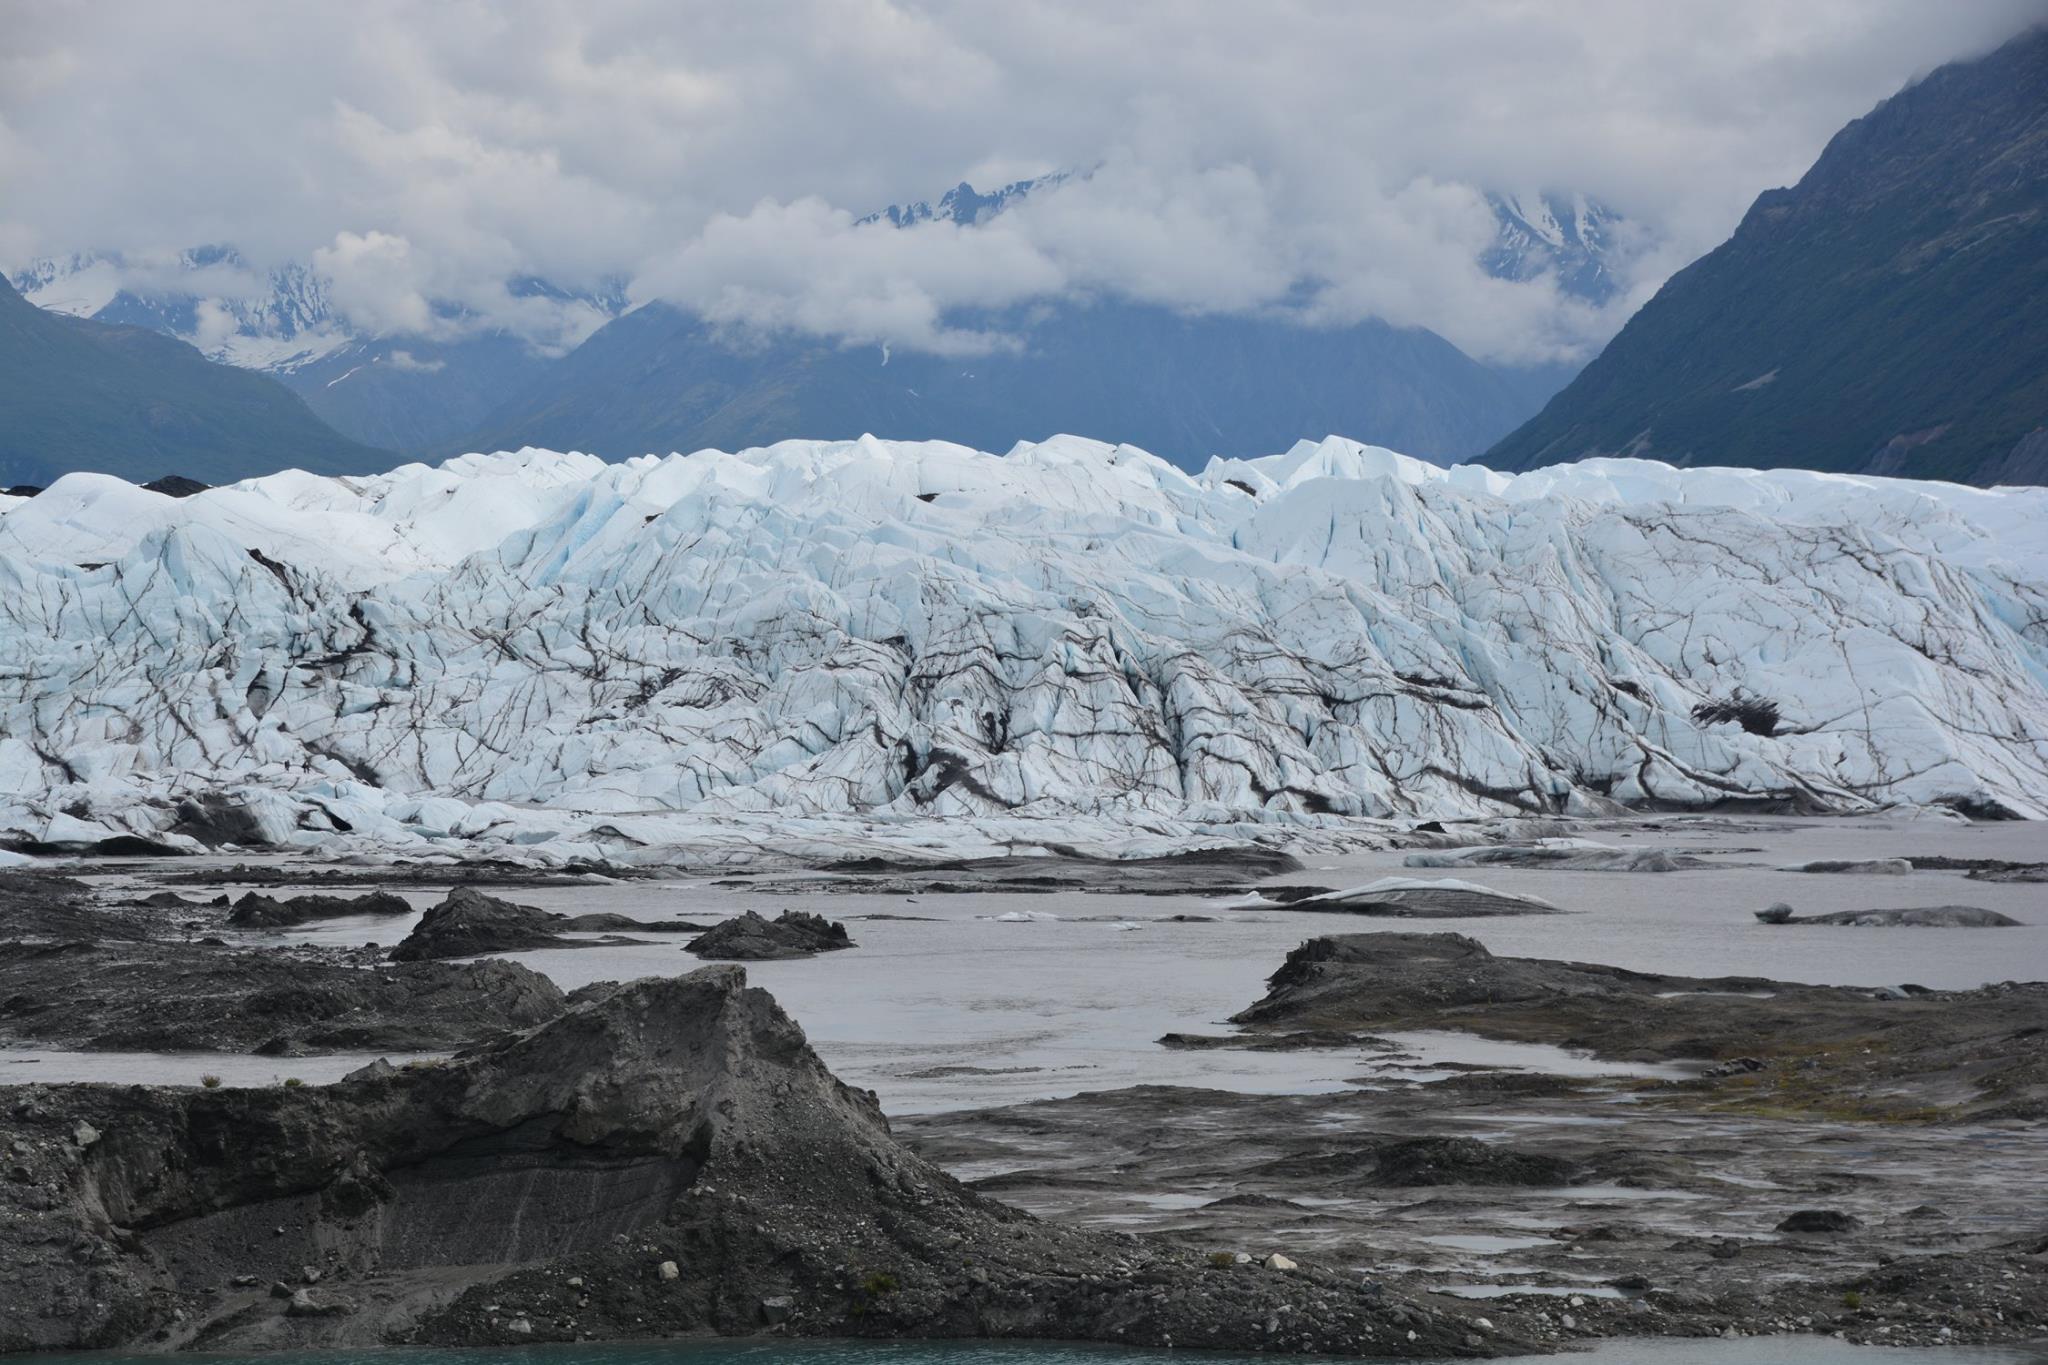 קרחון מטנושקה